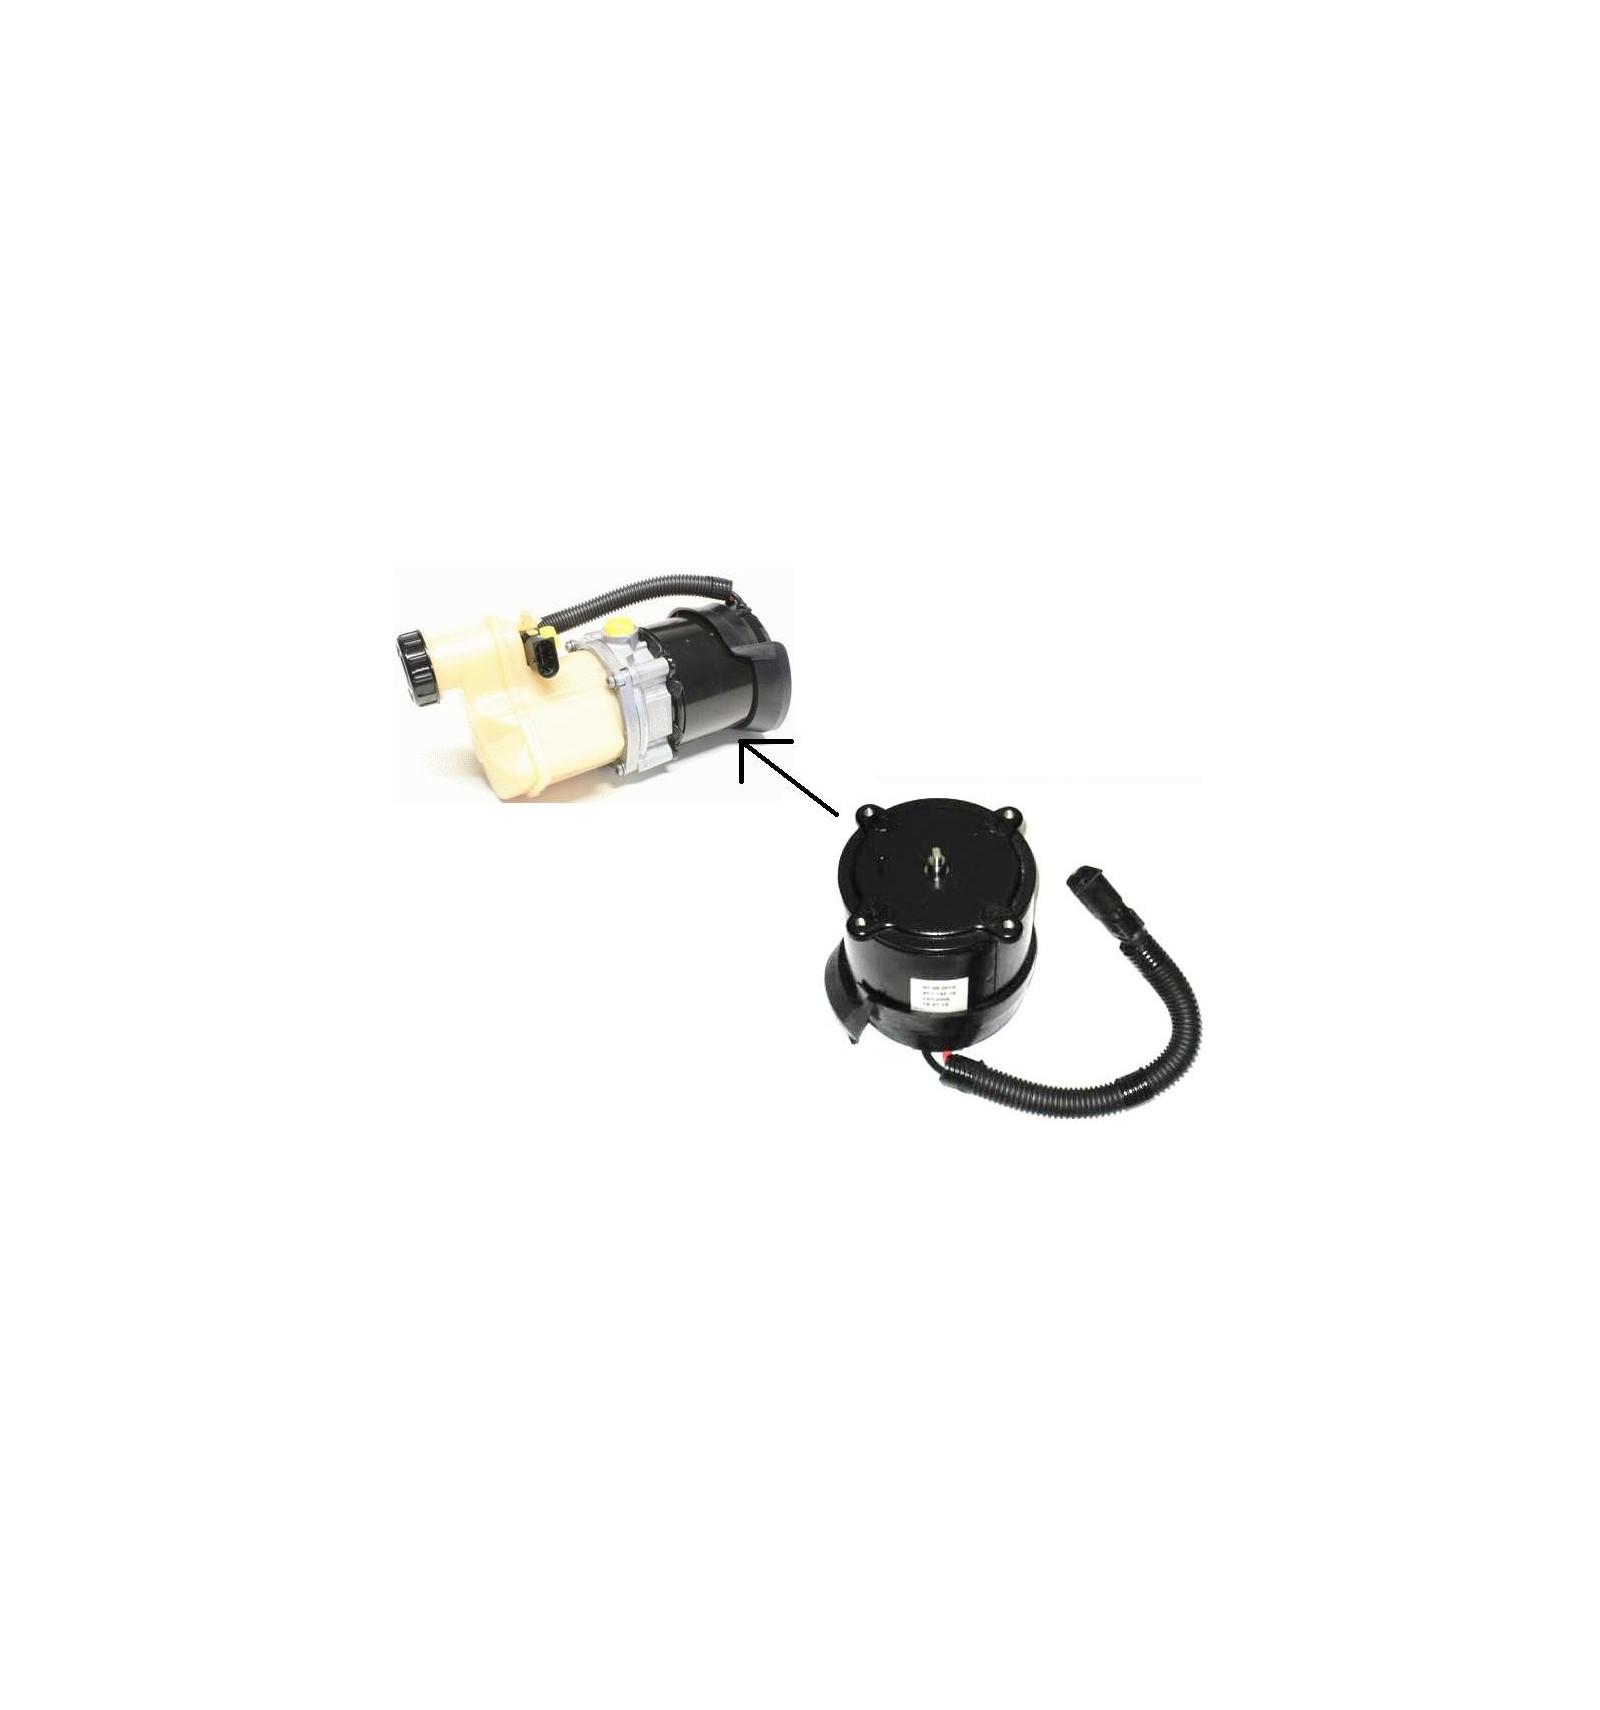 moteur pompe de direction assist electrique renault clio 2 kangoo. Black Bedroom Furniture Sets. Home Design Ideas